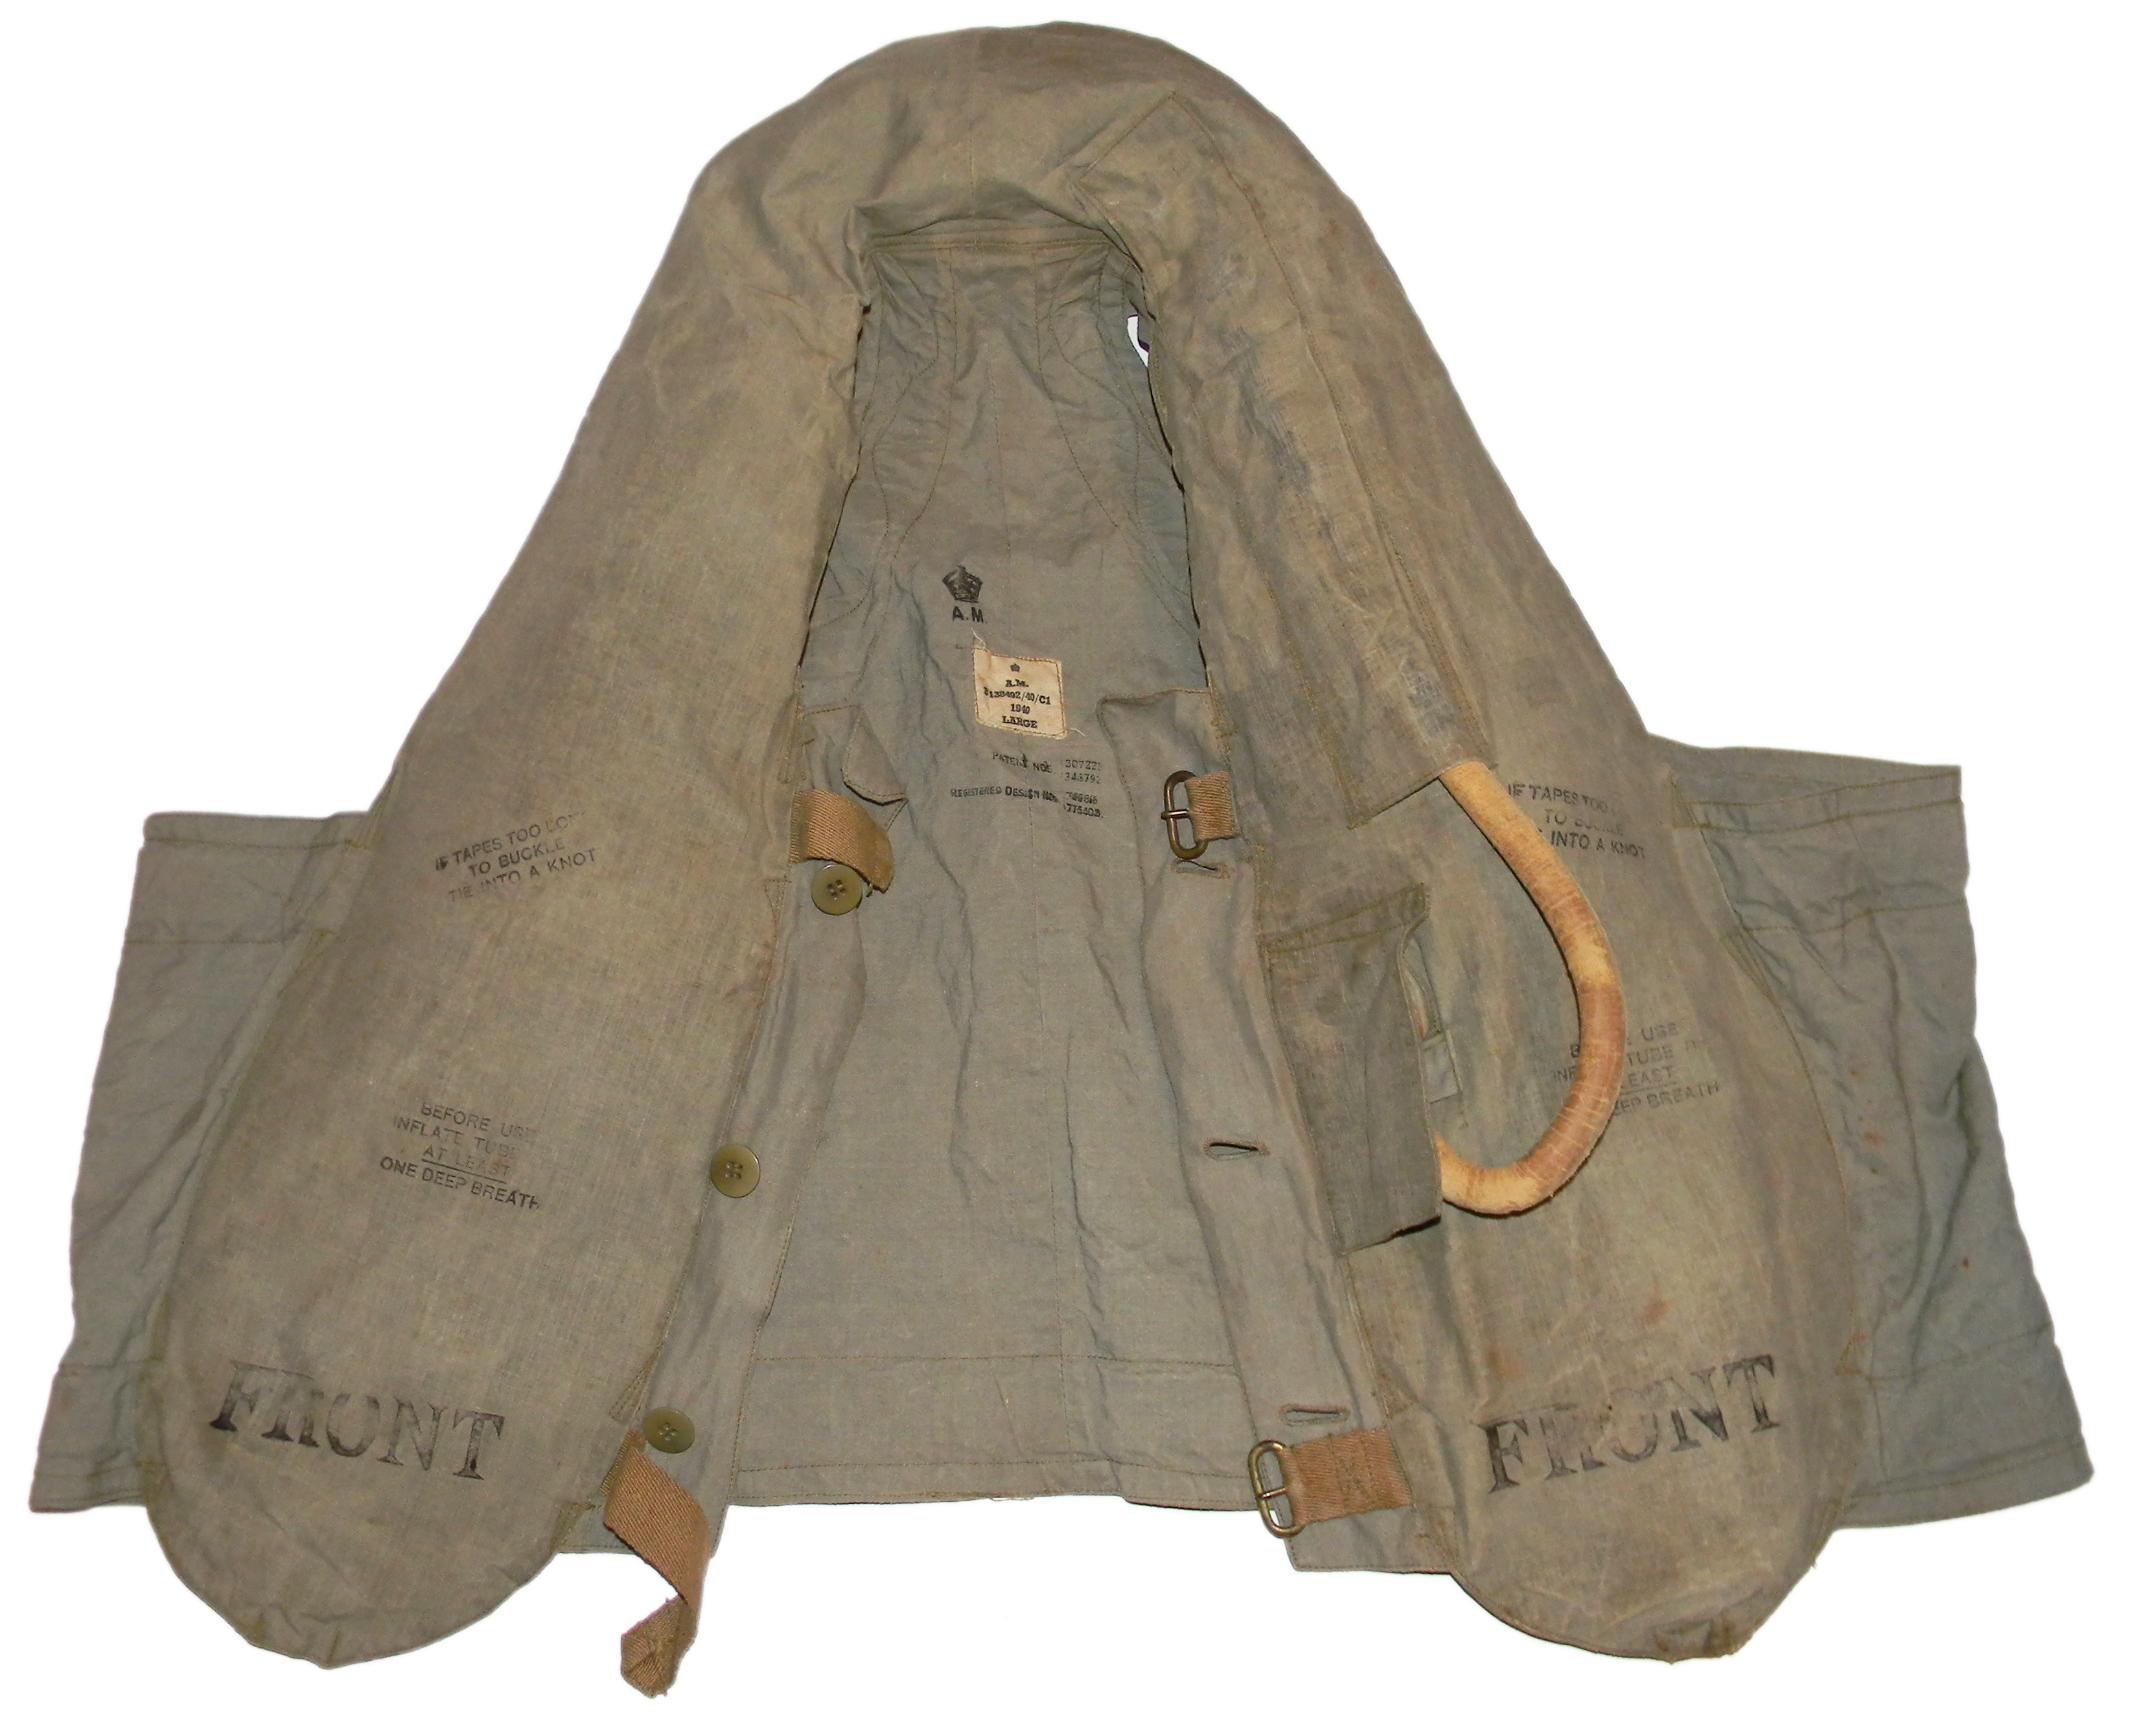 RAF 1932 pattern life vest stole